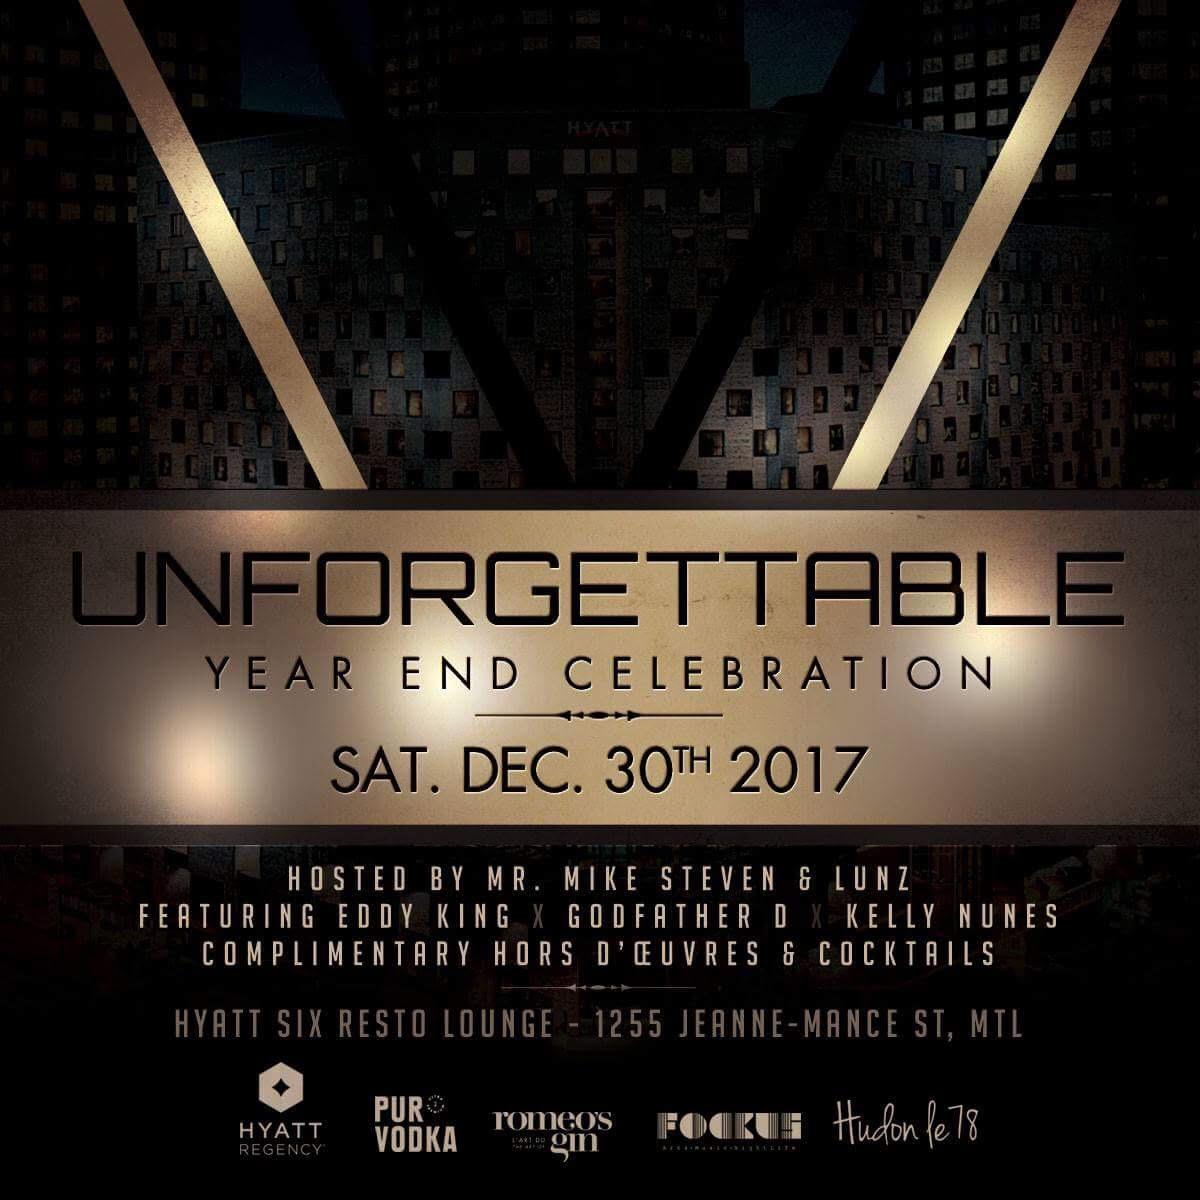 Unforgettable at Hyatt Six Resto Lounge